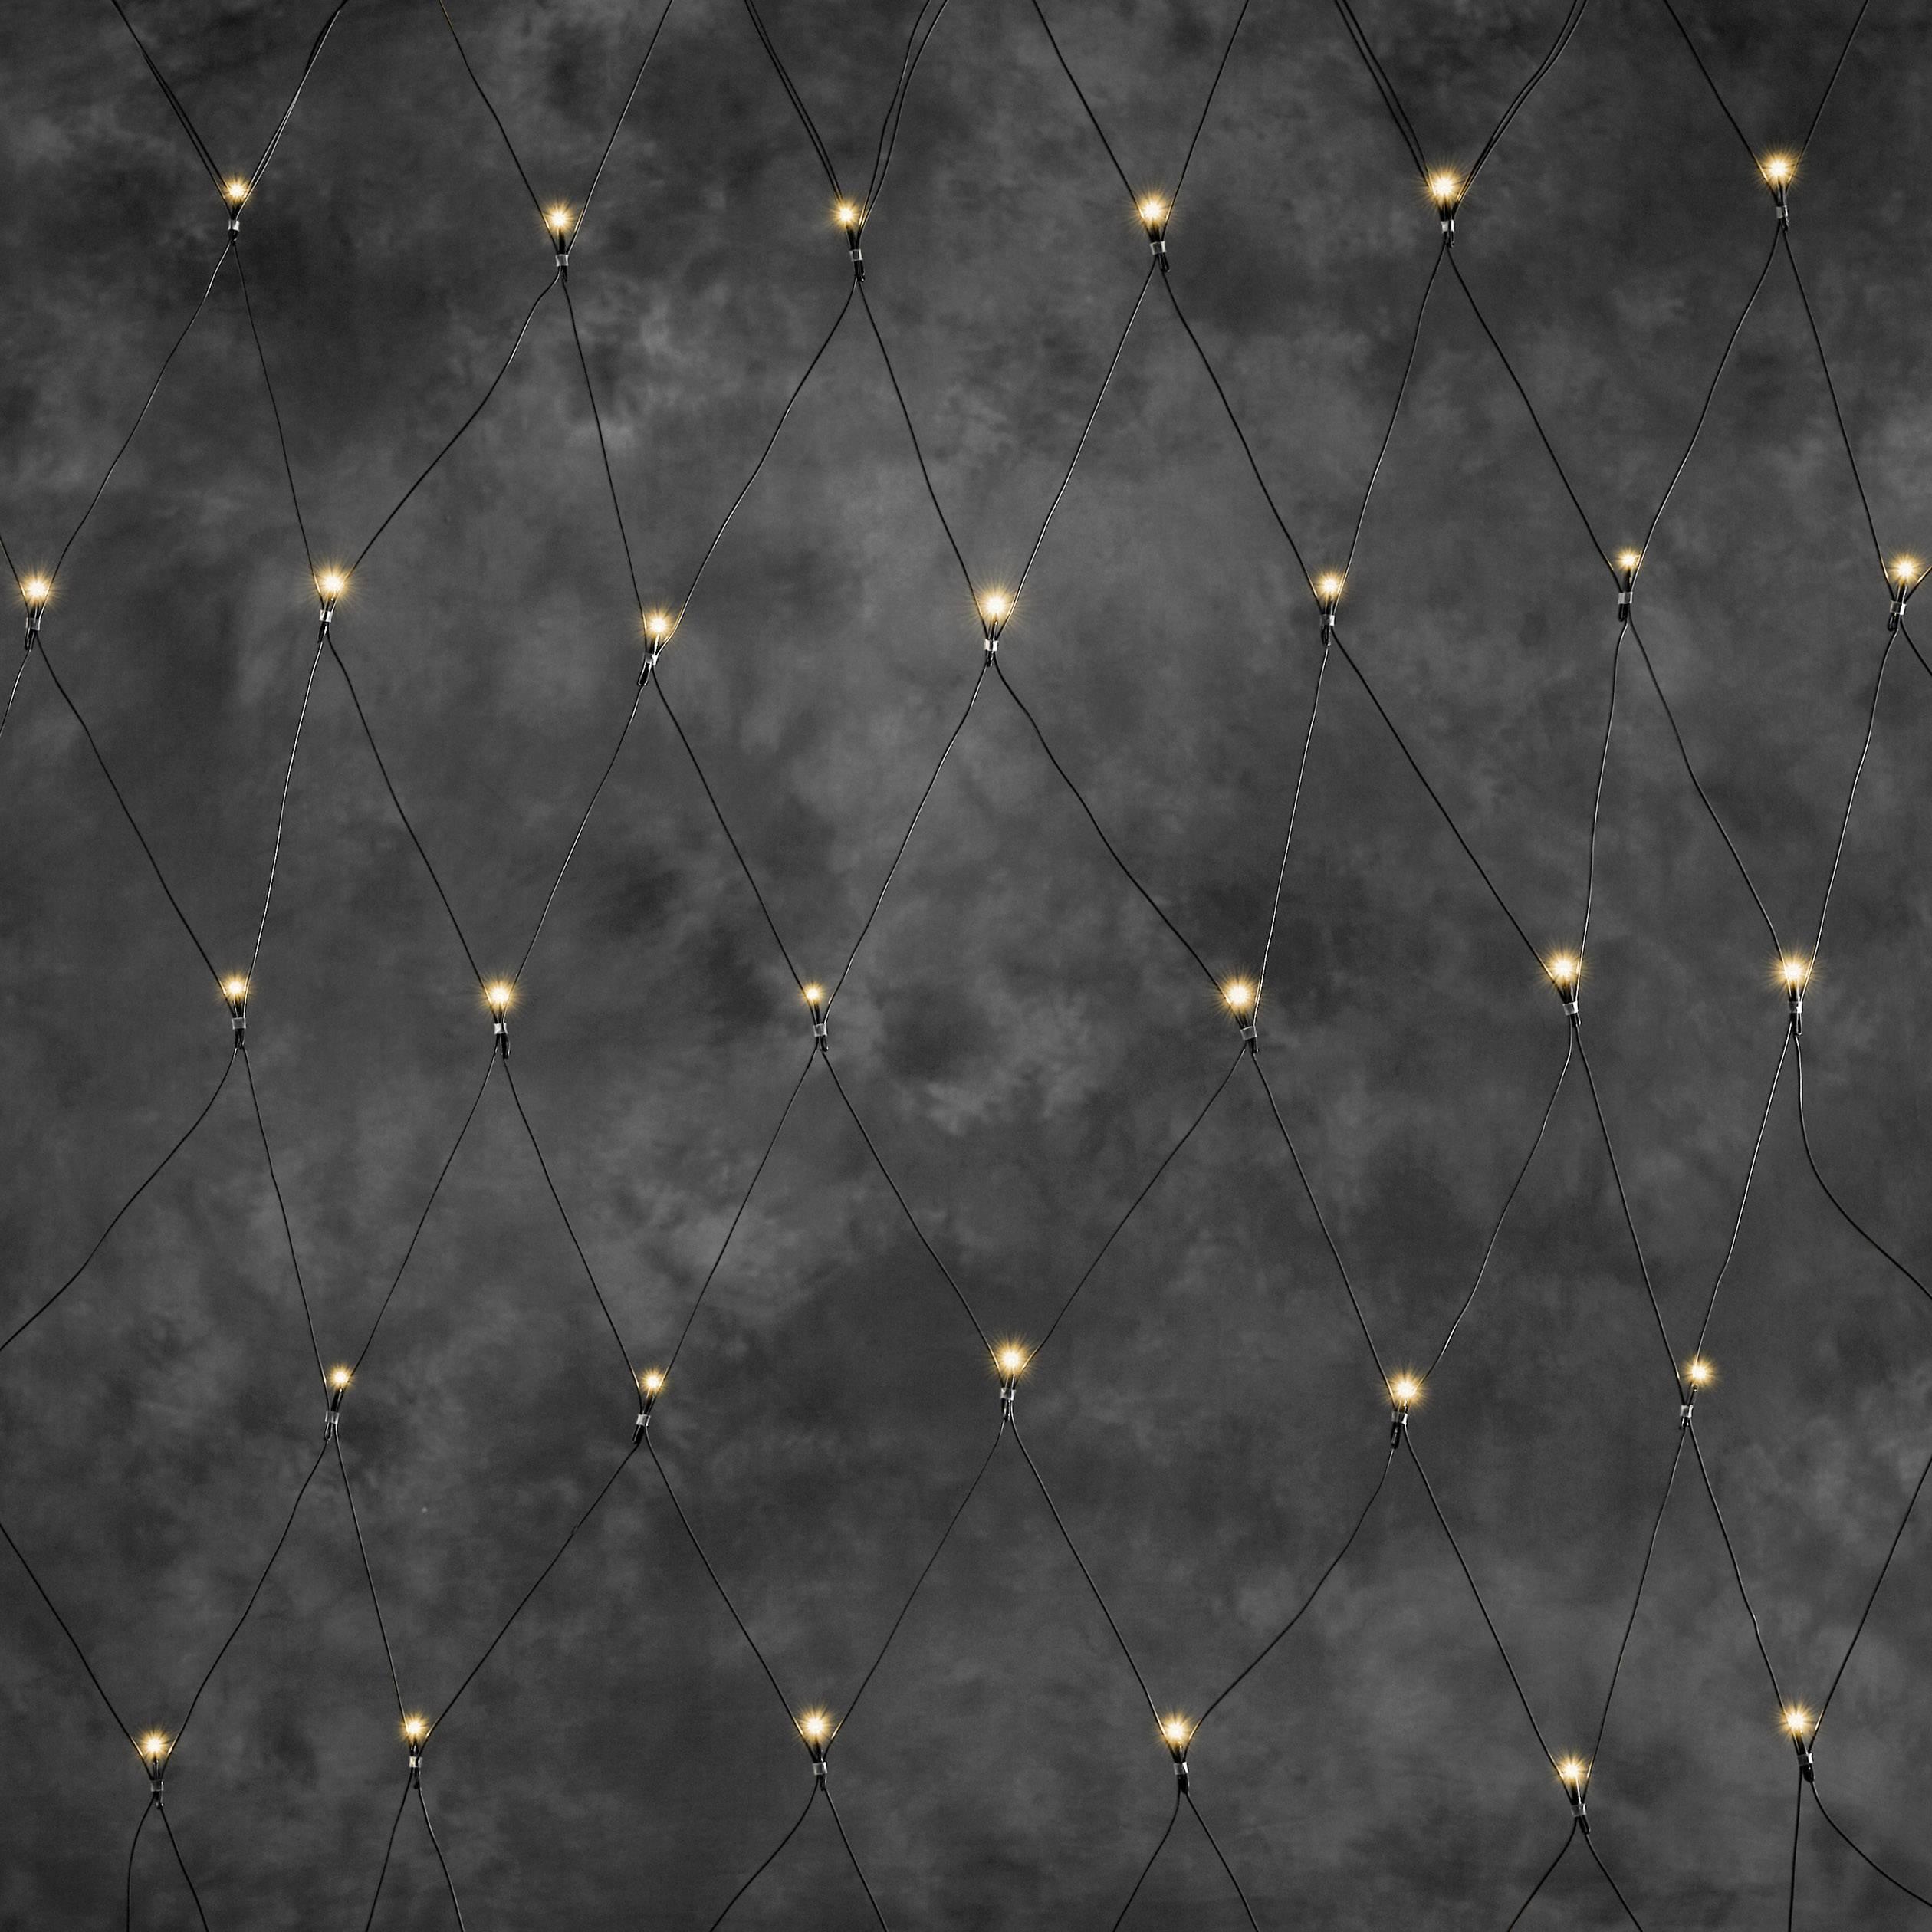 LED rozšíření systému světelné sítě 31 V světelná síť jantarová Konstsmide